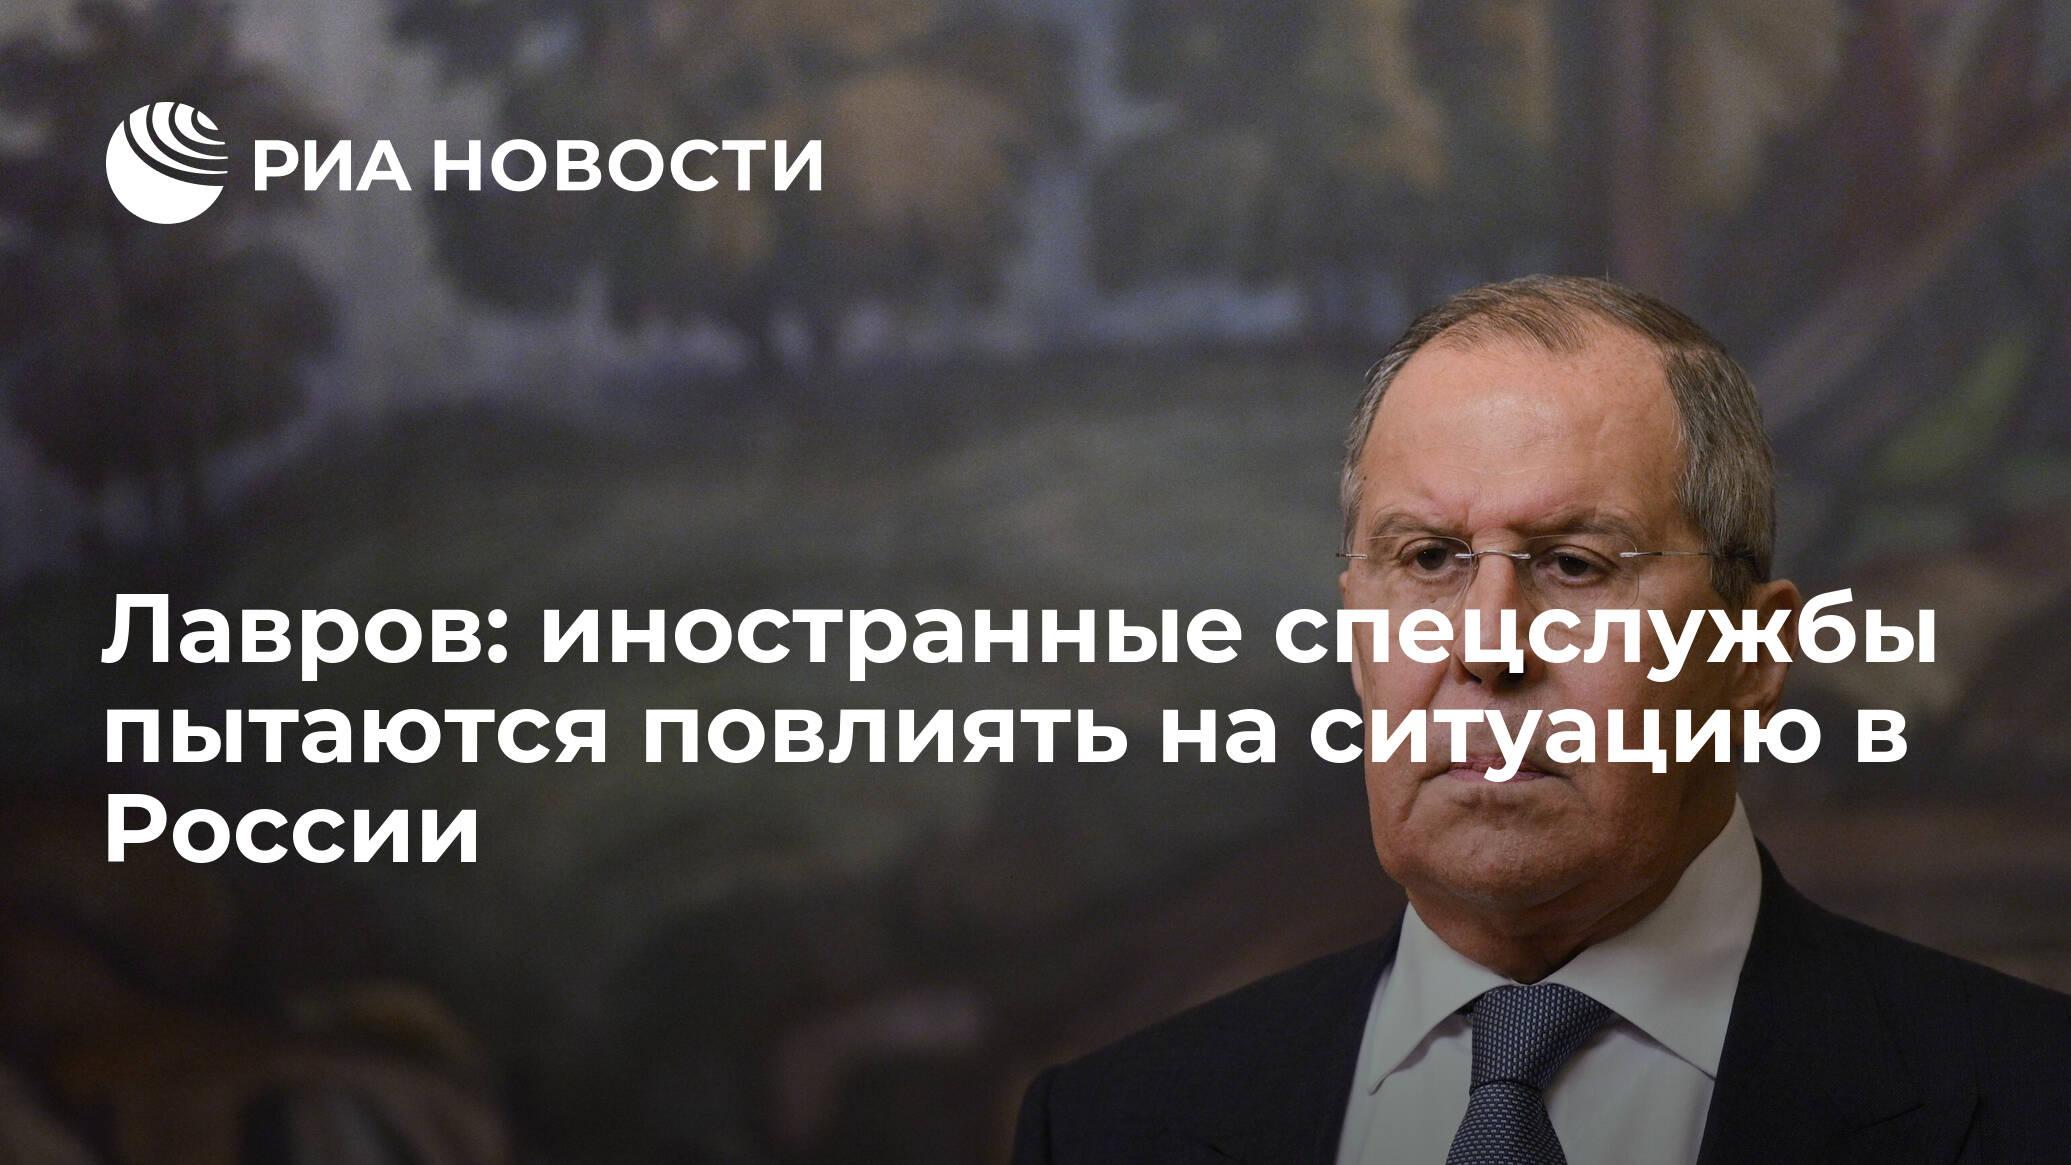 Лавров: иностранные спецслужбы пытаются повлиять на ситуацию в России